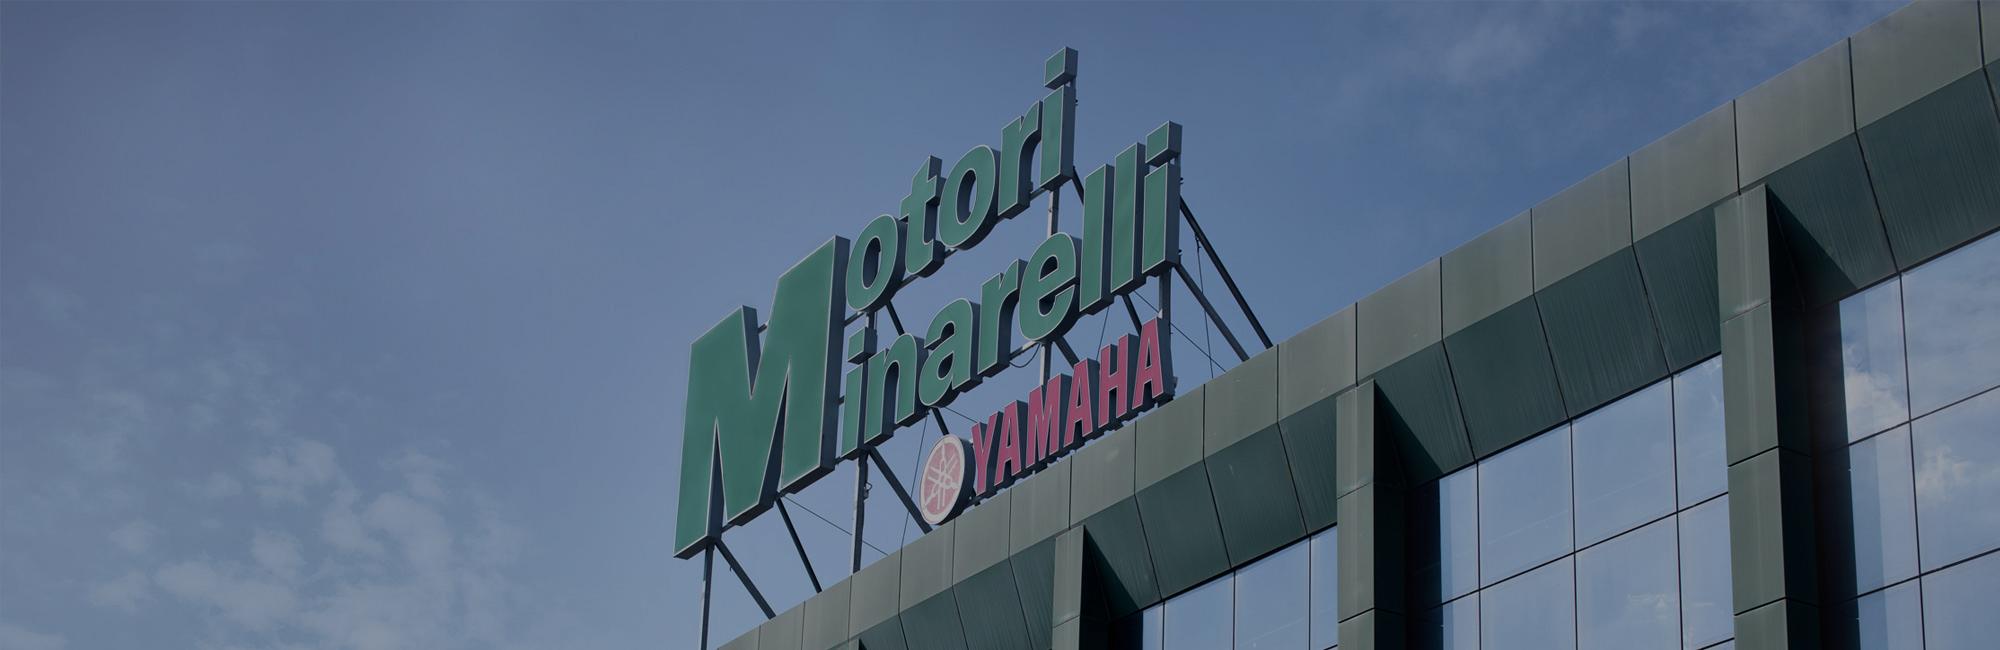 home motori minarelli